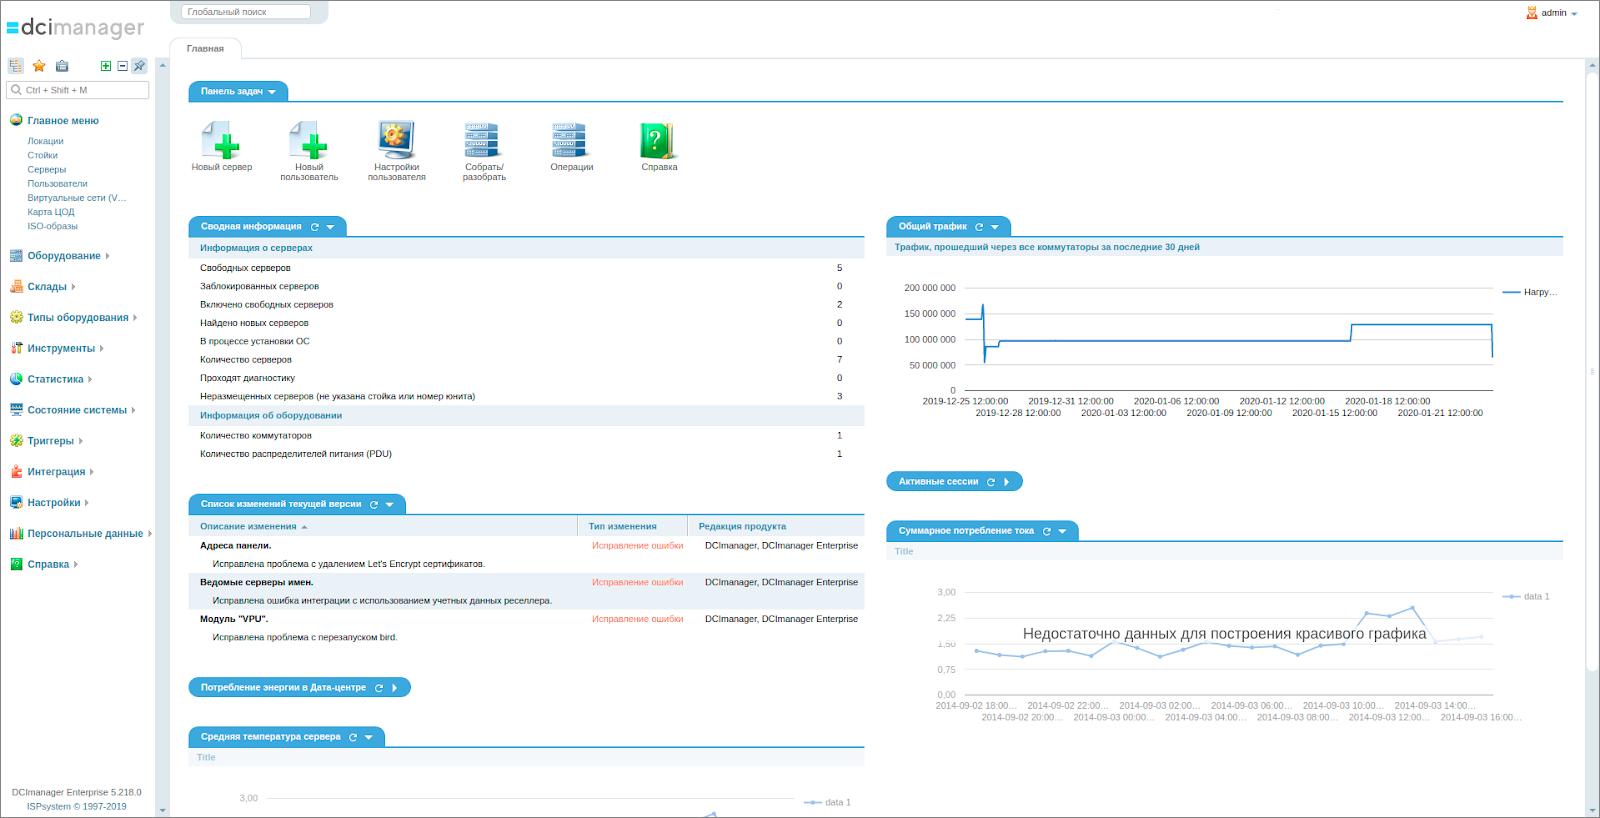 DCImanager 6 — новая панель управления серверами и оборудованием дата-центра. Первое знакомство и сравнение с «пятёркой» - 2